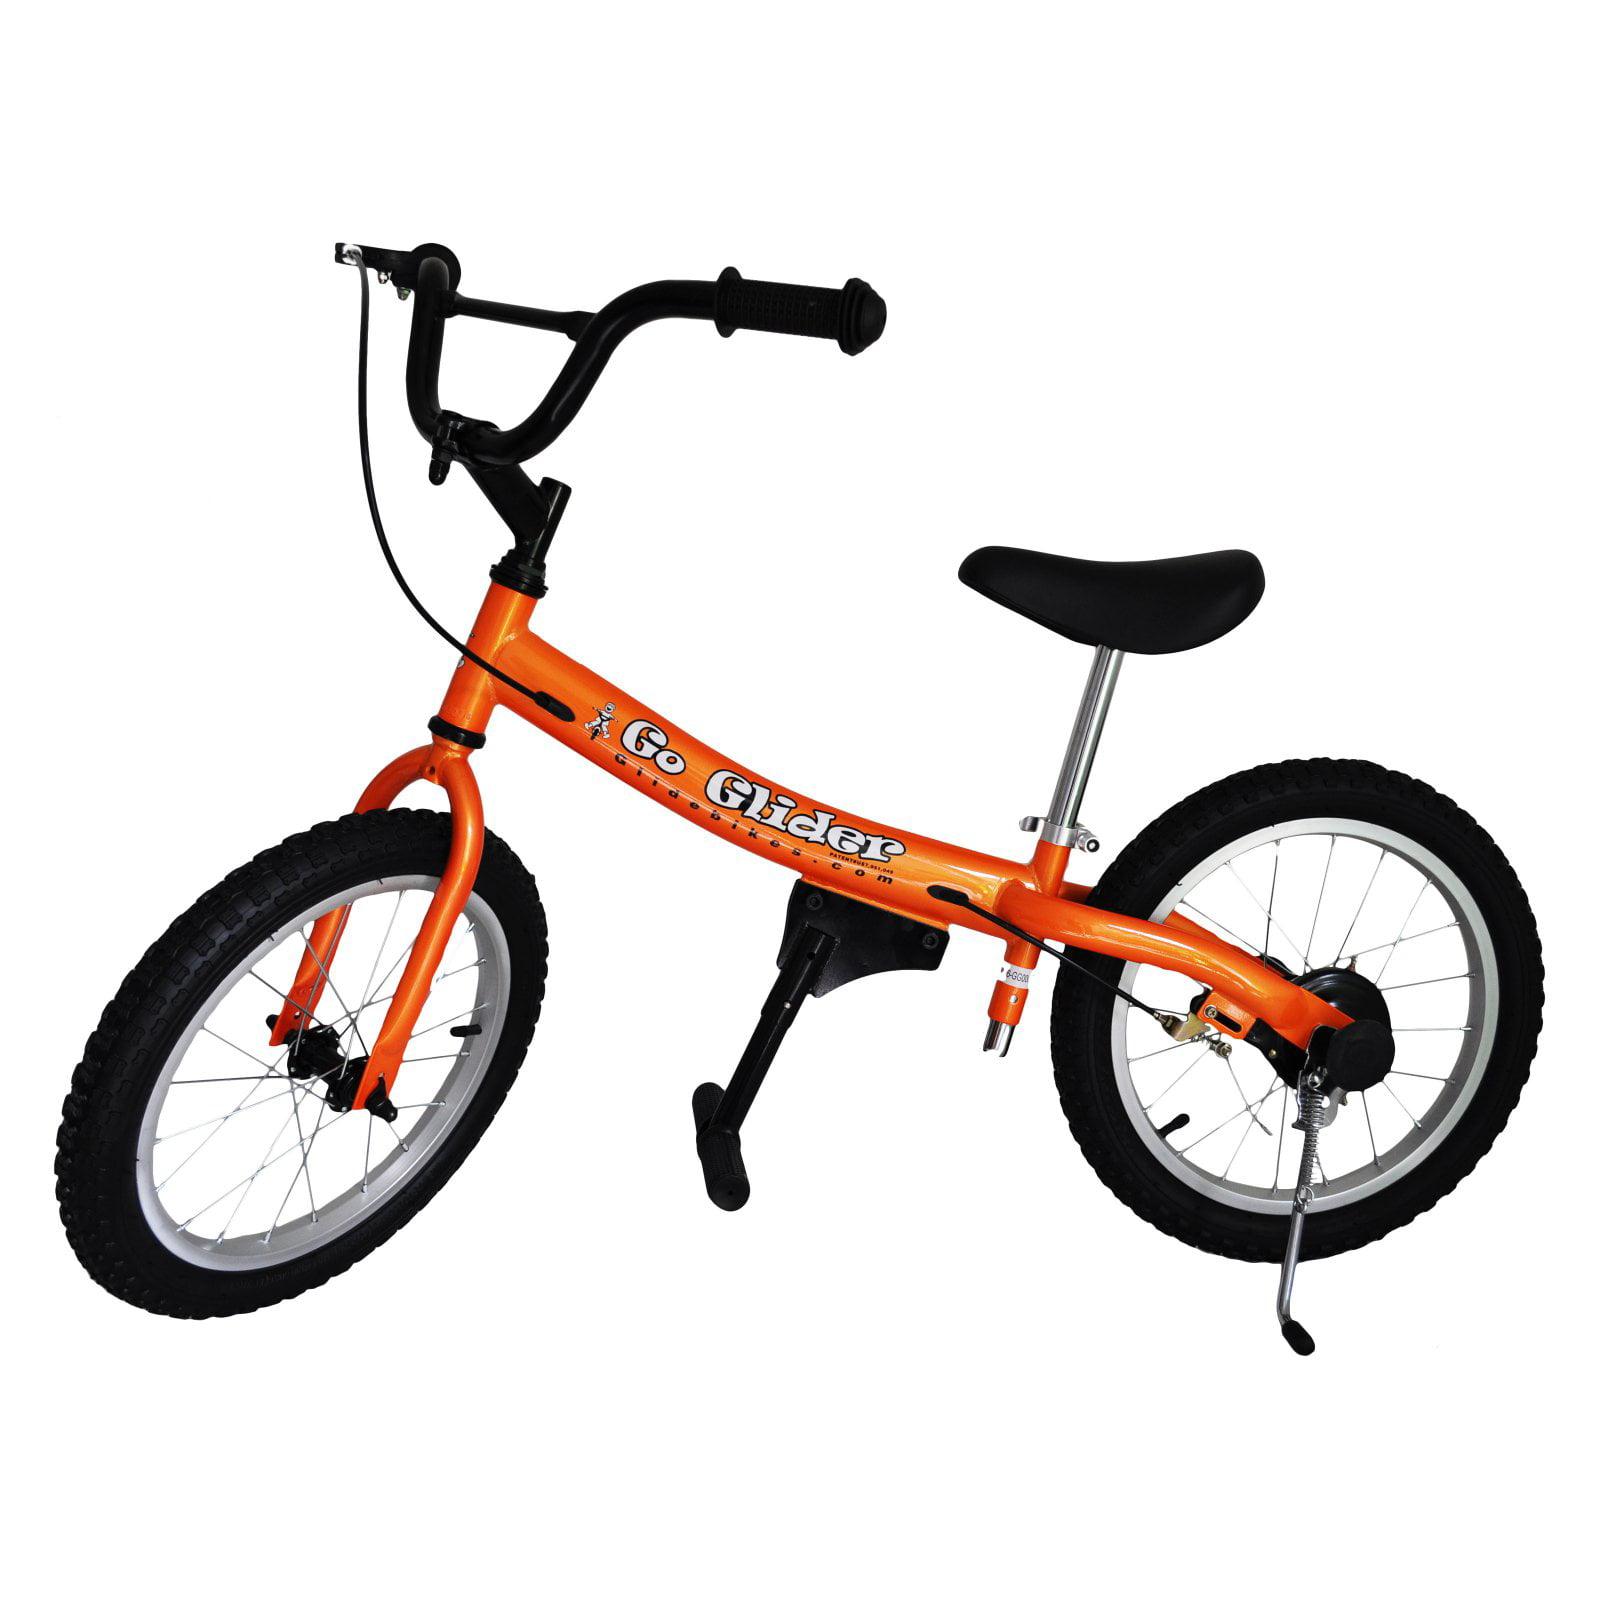 Glide Bikes 16 in. Go Glider Balance Bike - Orange